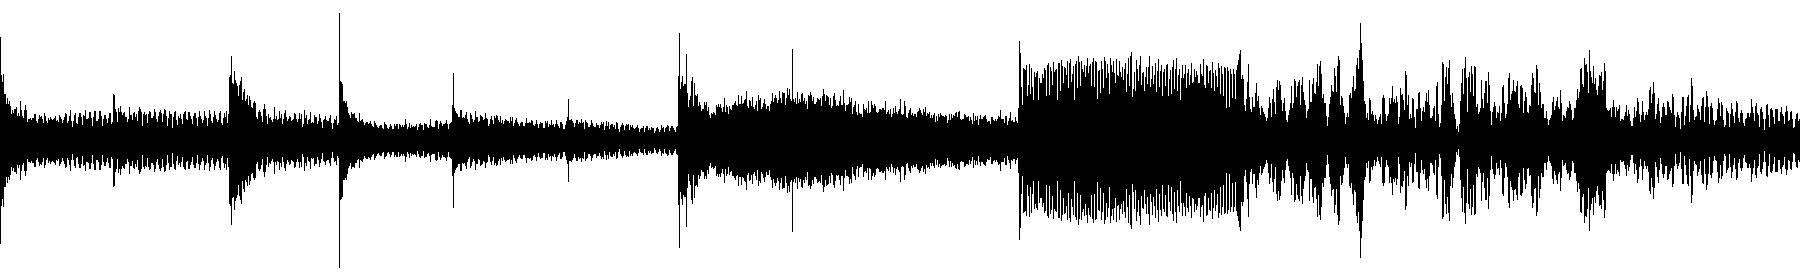 blbc jazzydrum analogmush 75 02